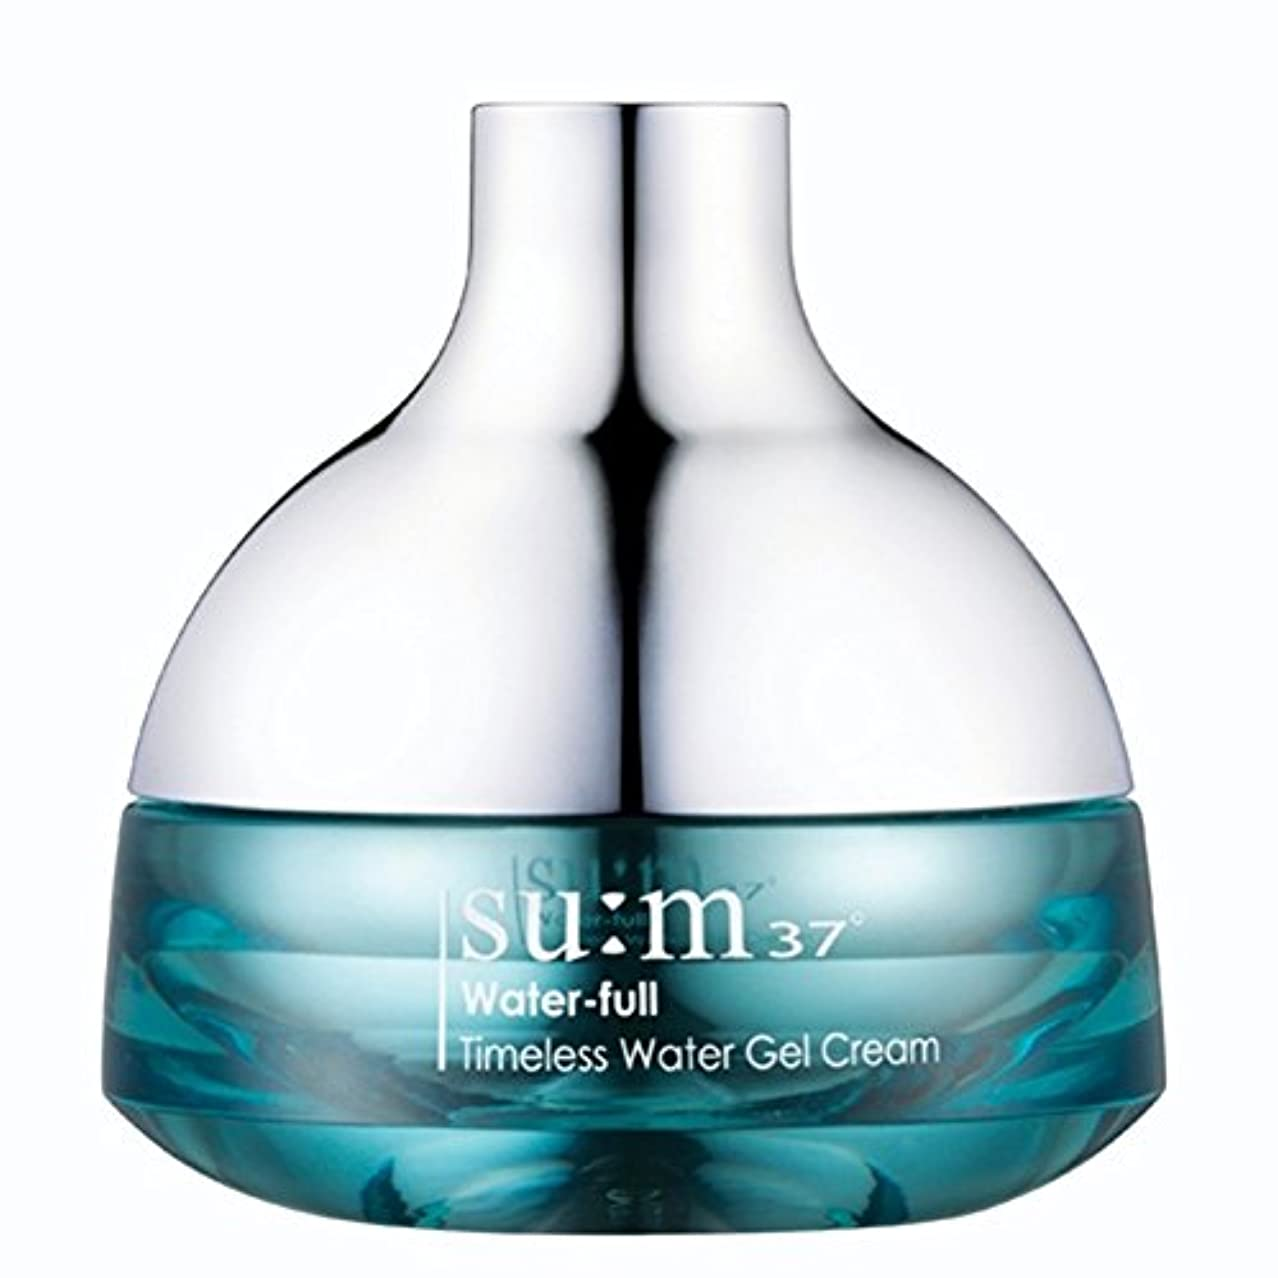 テンポ良心的思い出su:m37/スム37° スム37 ウォーターフルタイムレスウォータージェルクリーム50ml (sum 37ºWater-full Timeless Water Gel Cream 50ml + Special Gift...